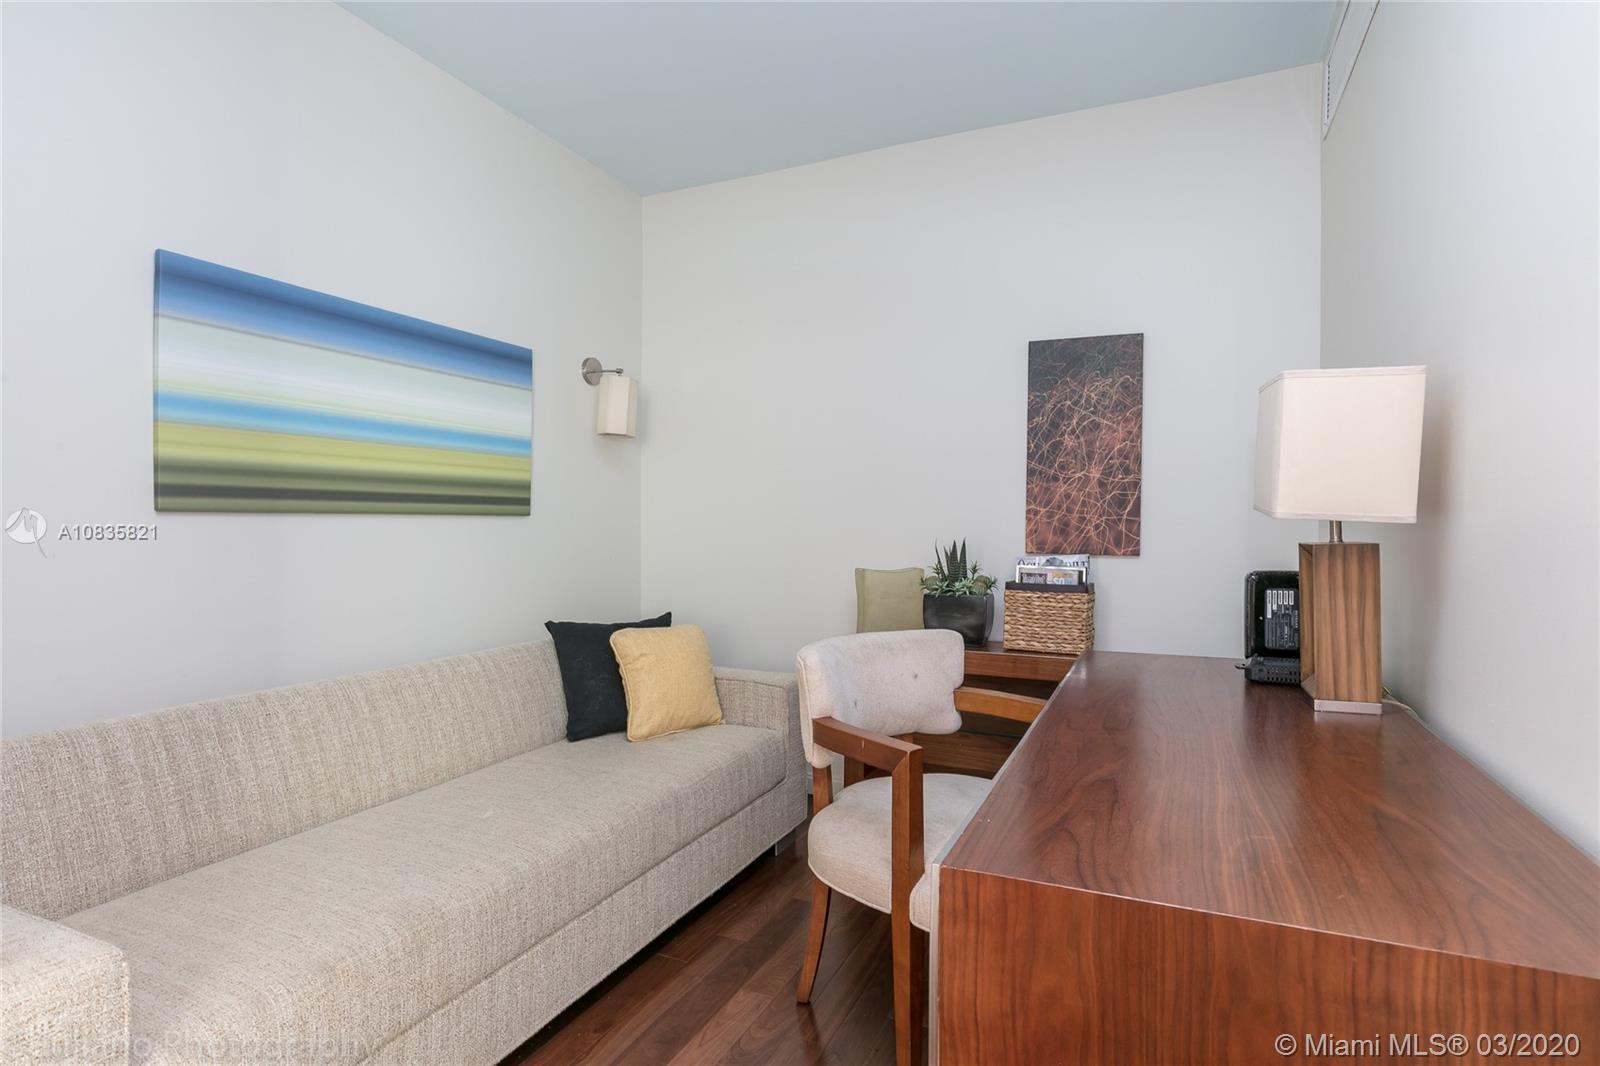 Property 50 Biscayne Blvd #504 image 15